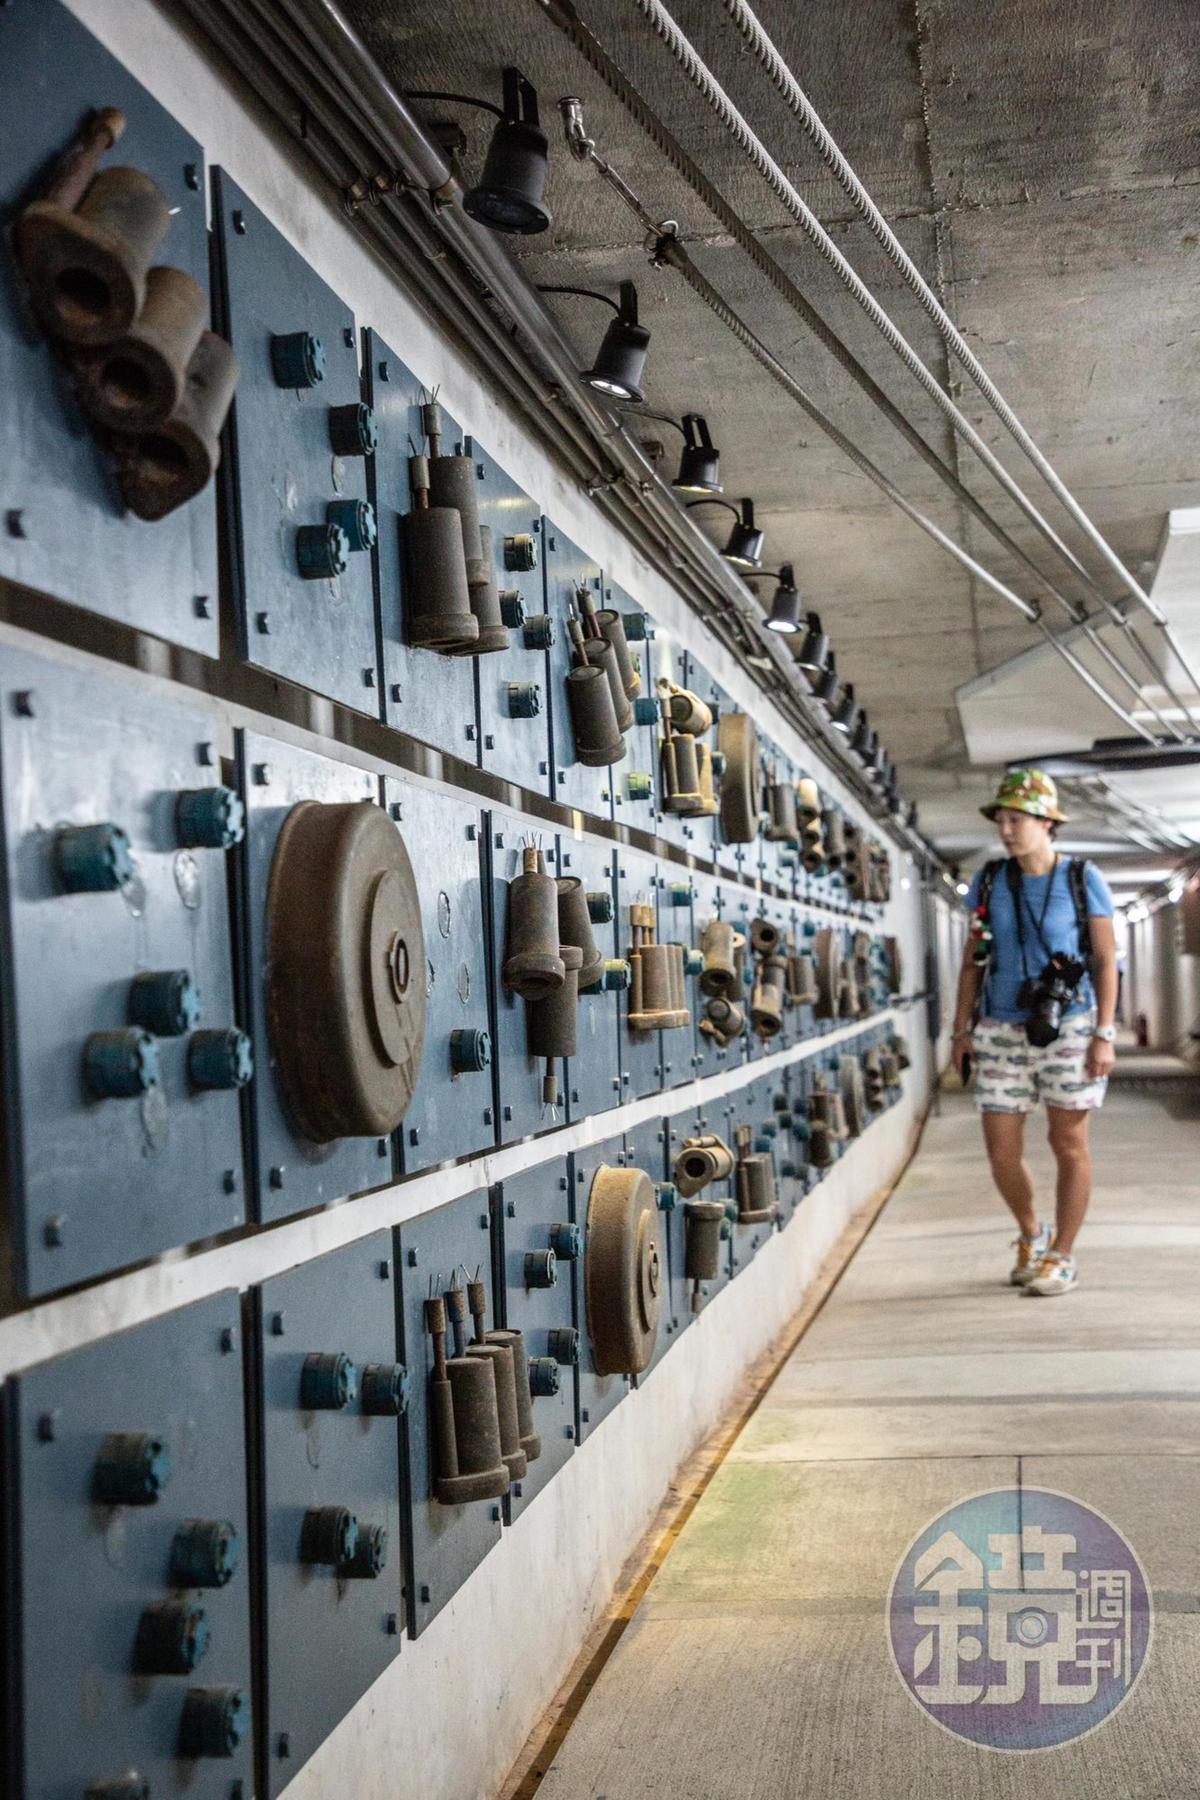 建在坑道裡的「地雷主題館」,展示著世界各國地雷。